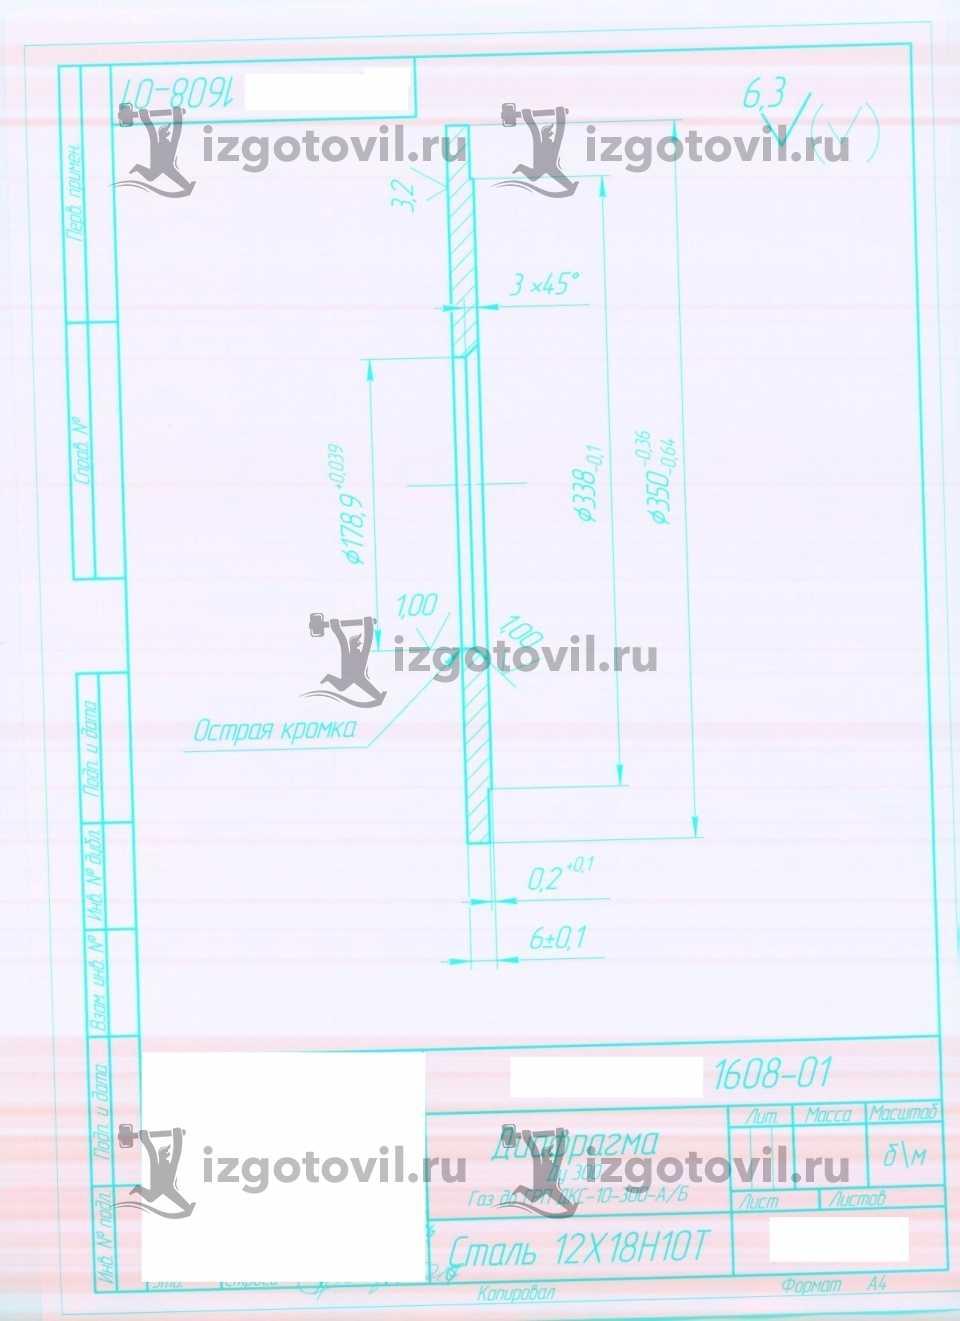 Изготовление деталий по чертежам заказчика